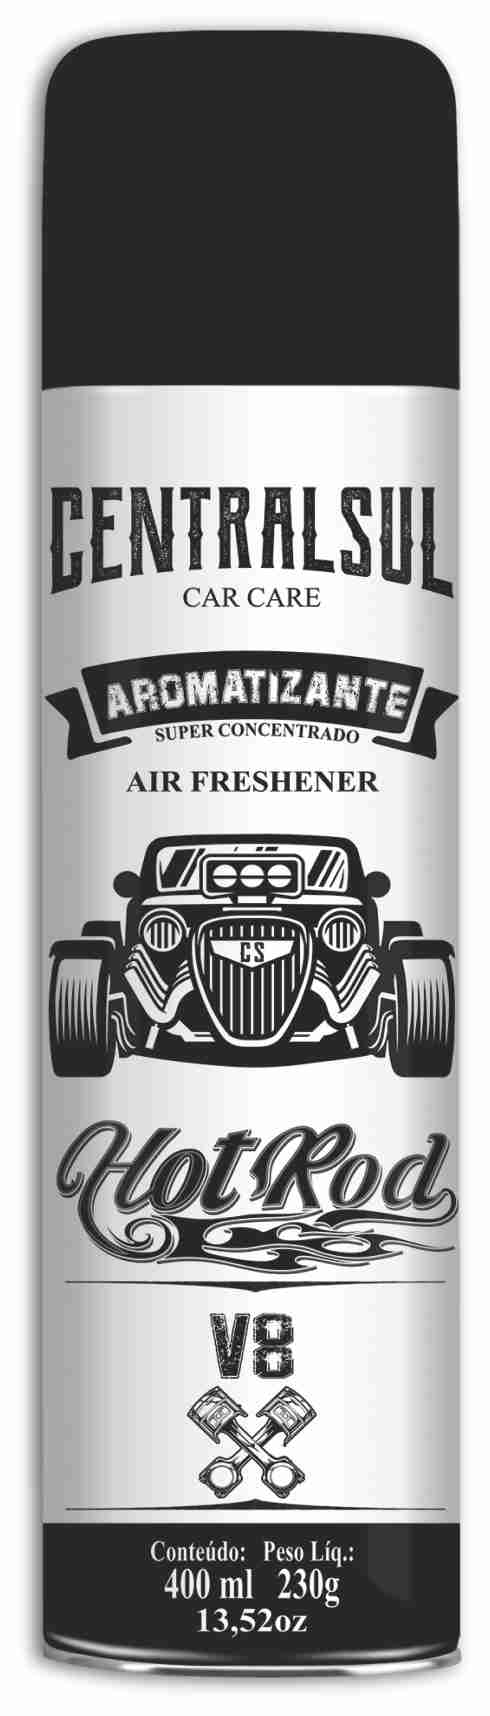 Aromatizante  Hot Rod V8 + Limpa Estofados   - Rea Comércio - Sua Loja Completa!